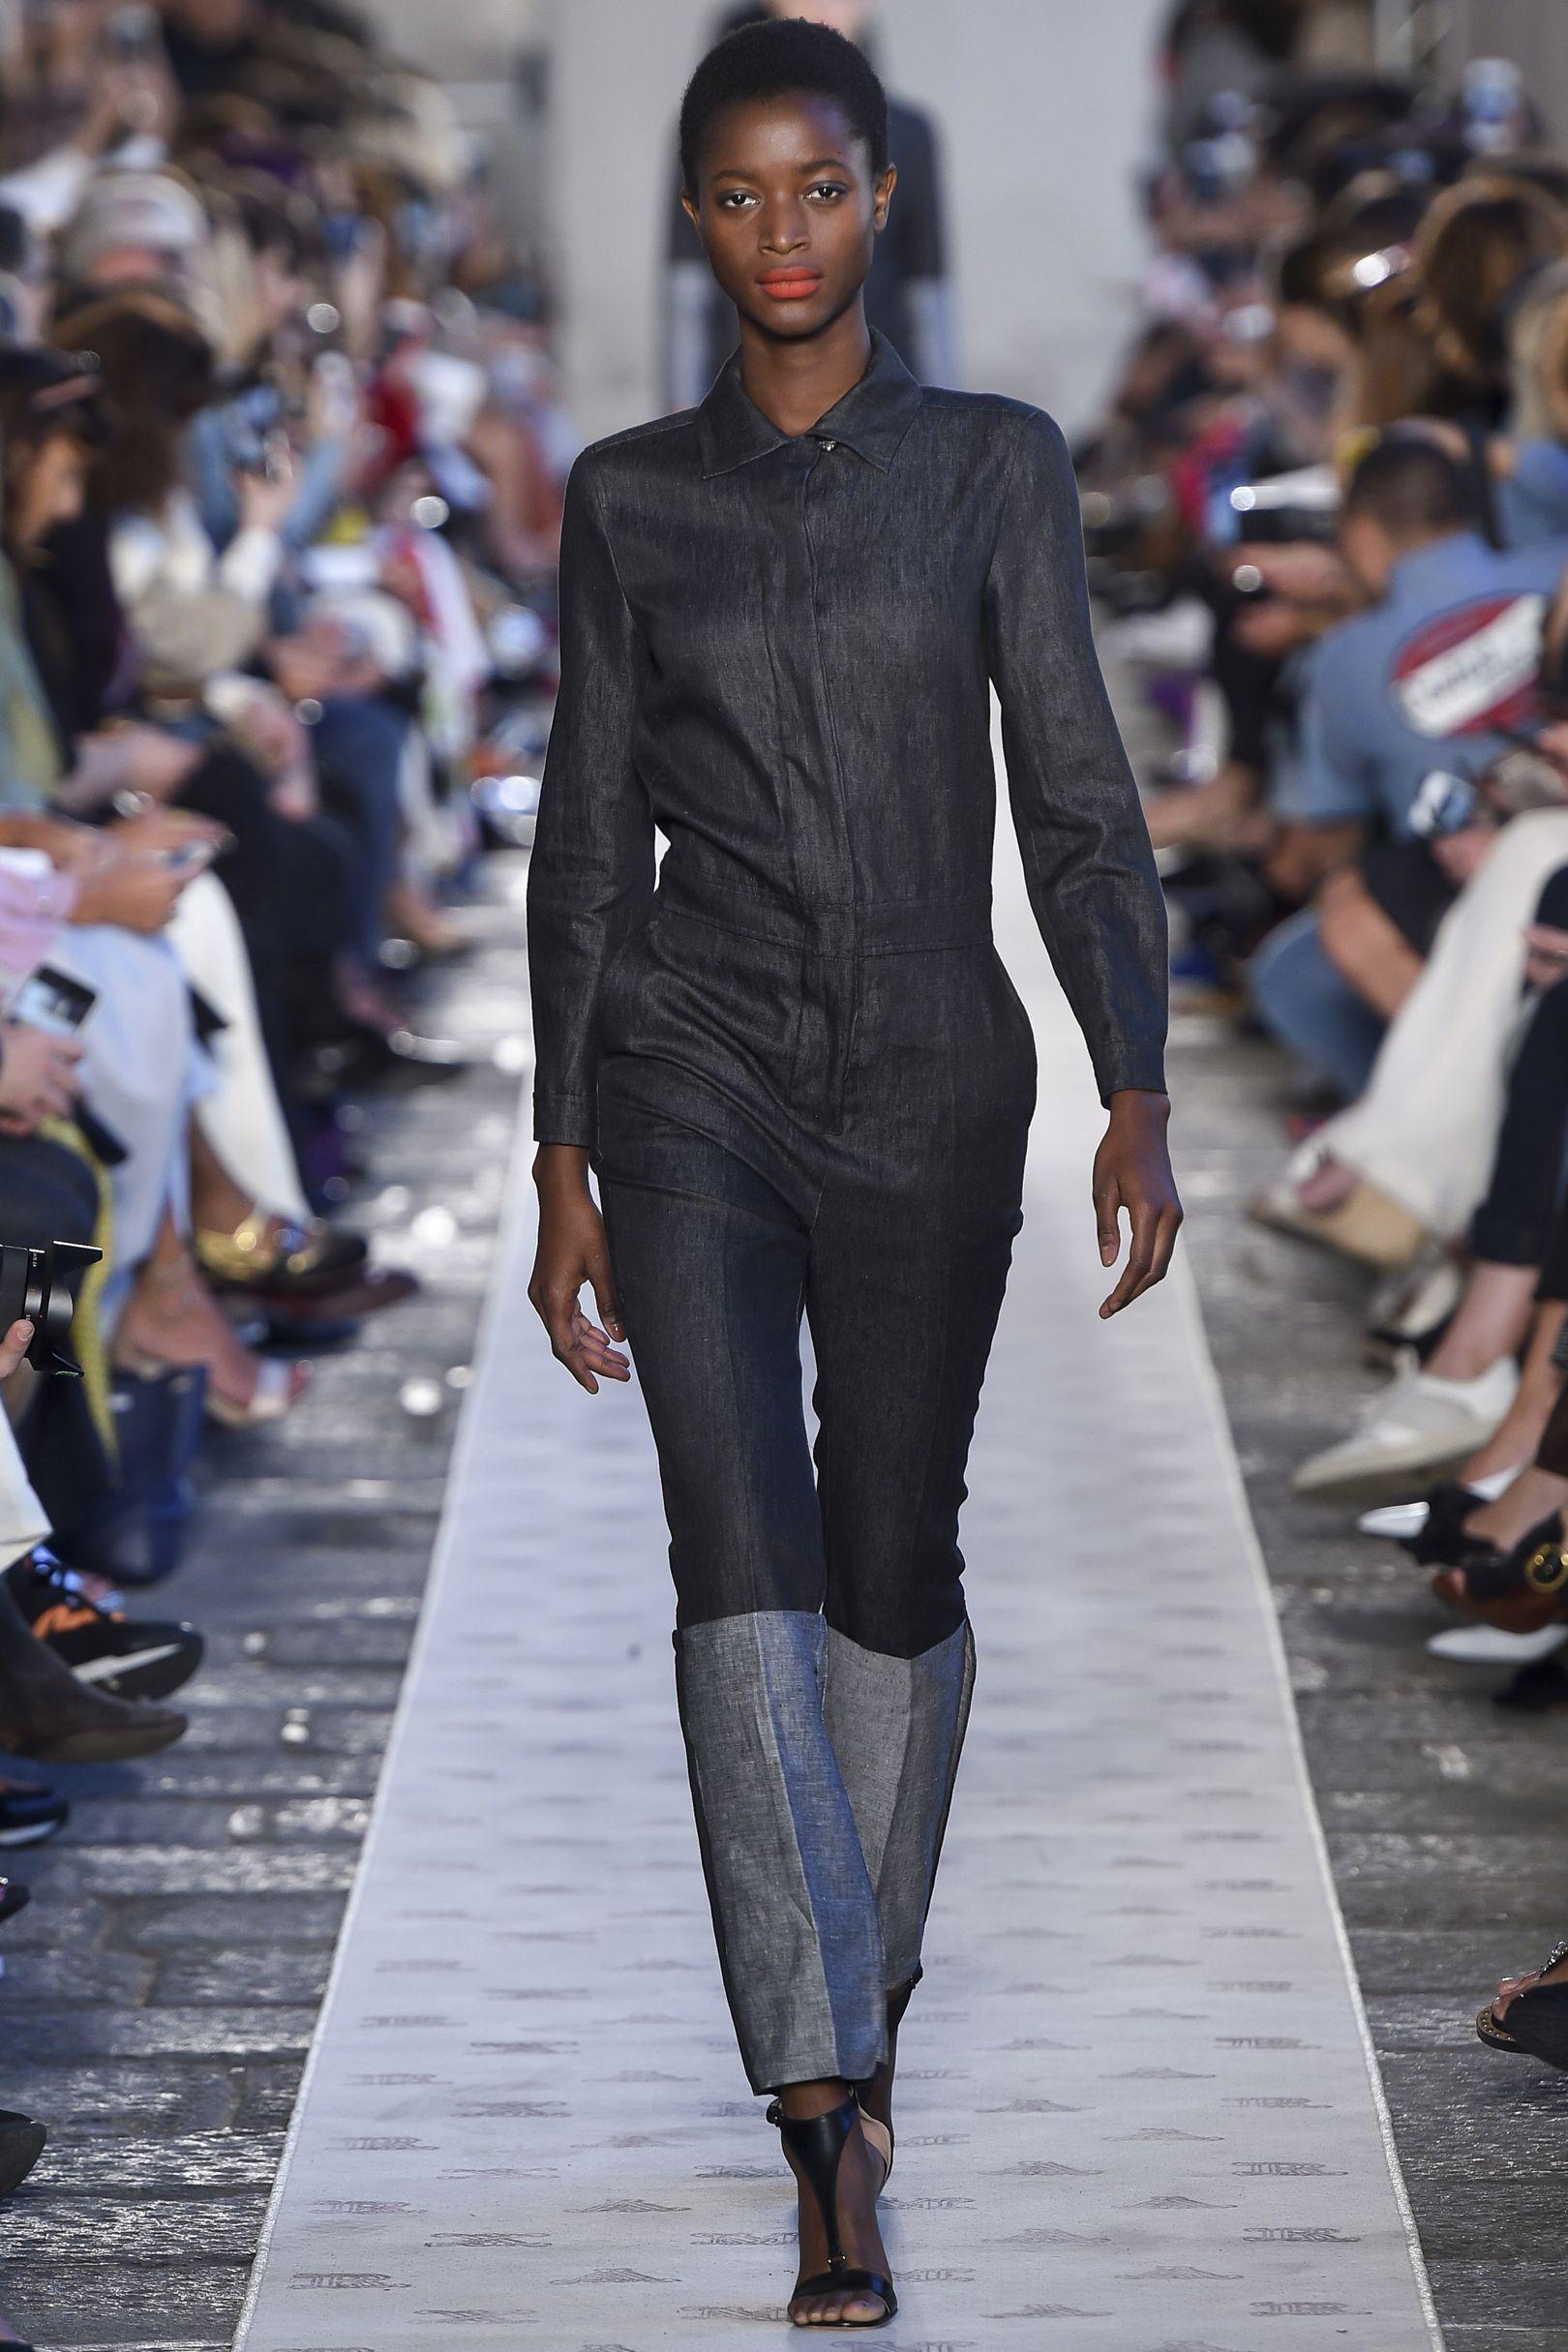 The vogue edit spring summer fashion trends british vogue